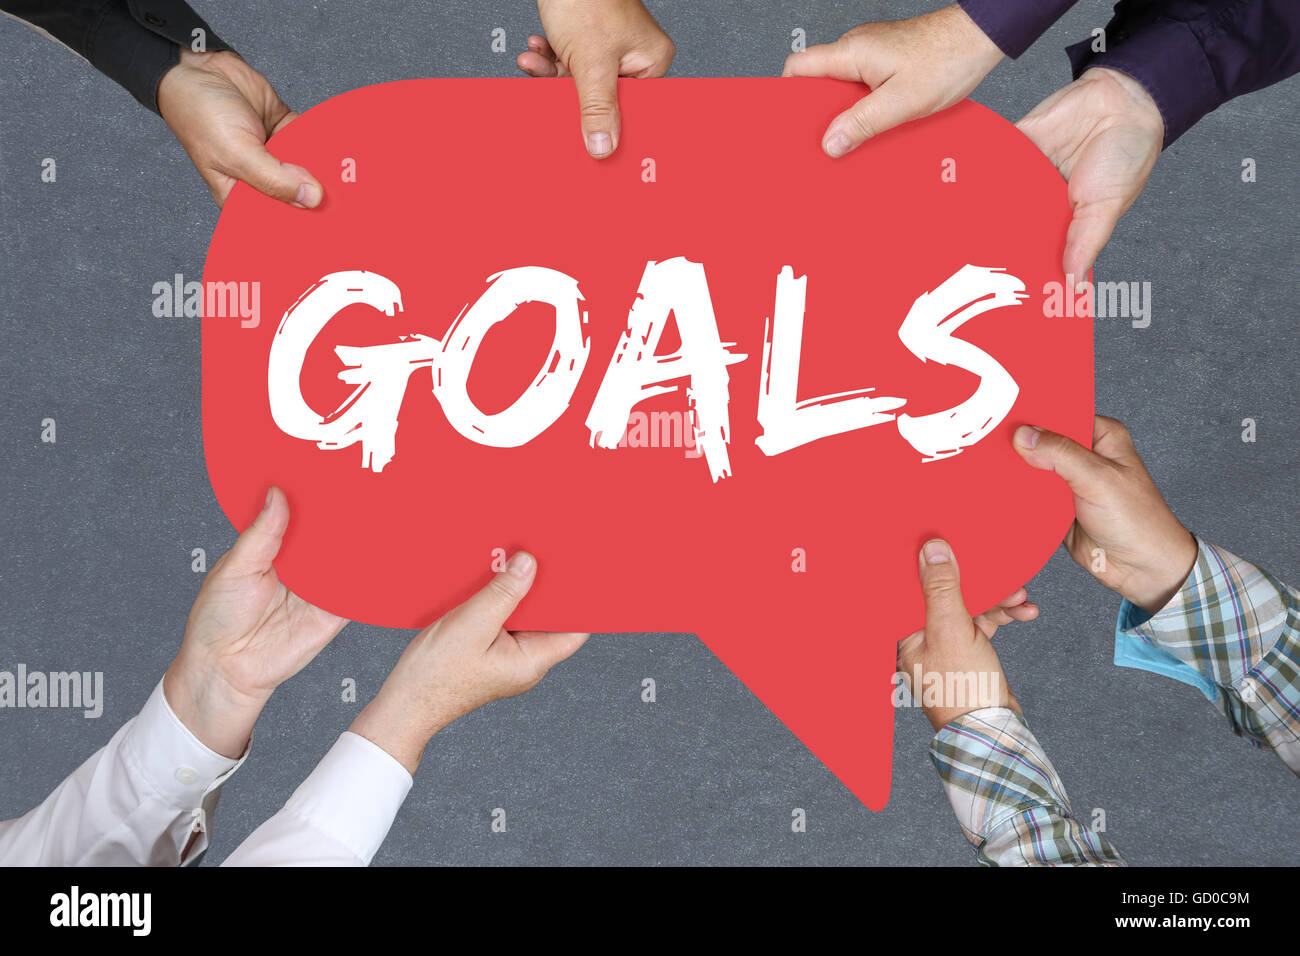 Grupo de personas sosteniendo con las manos la palabra objetivo metas a aspiraciones de éxito y crecimiento Imagen De Stock